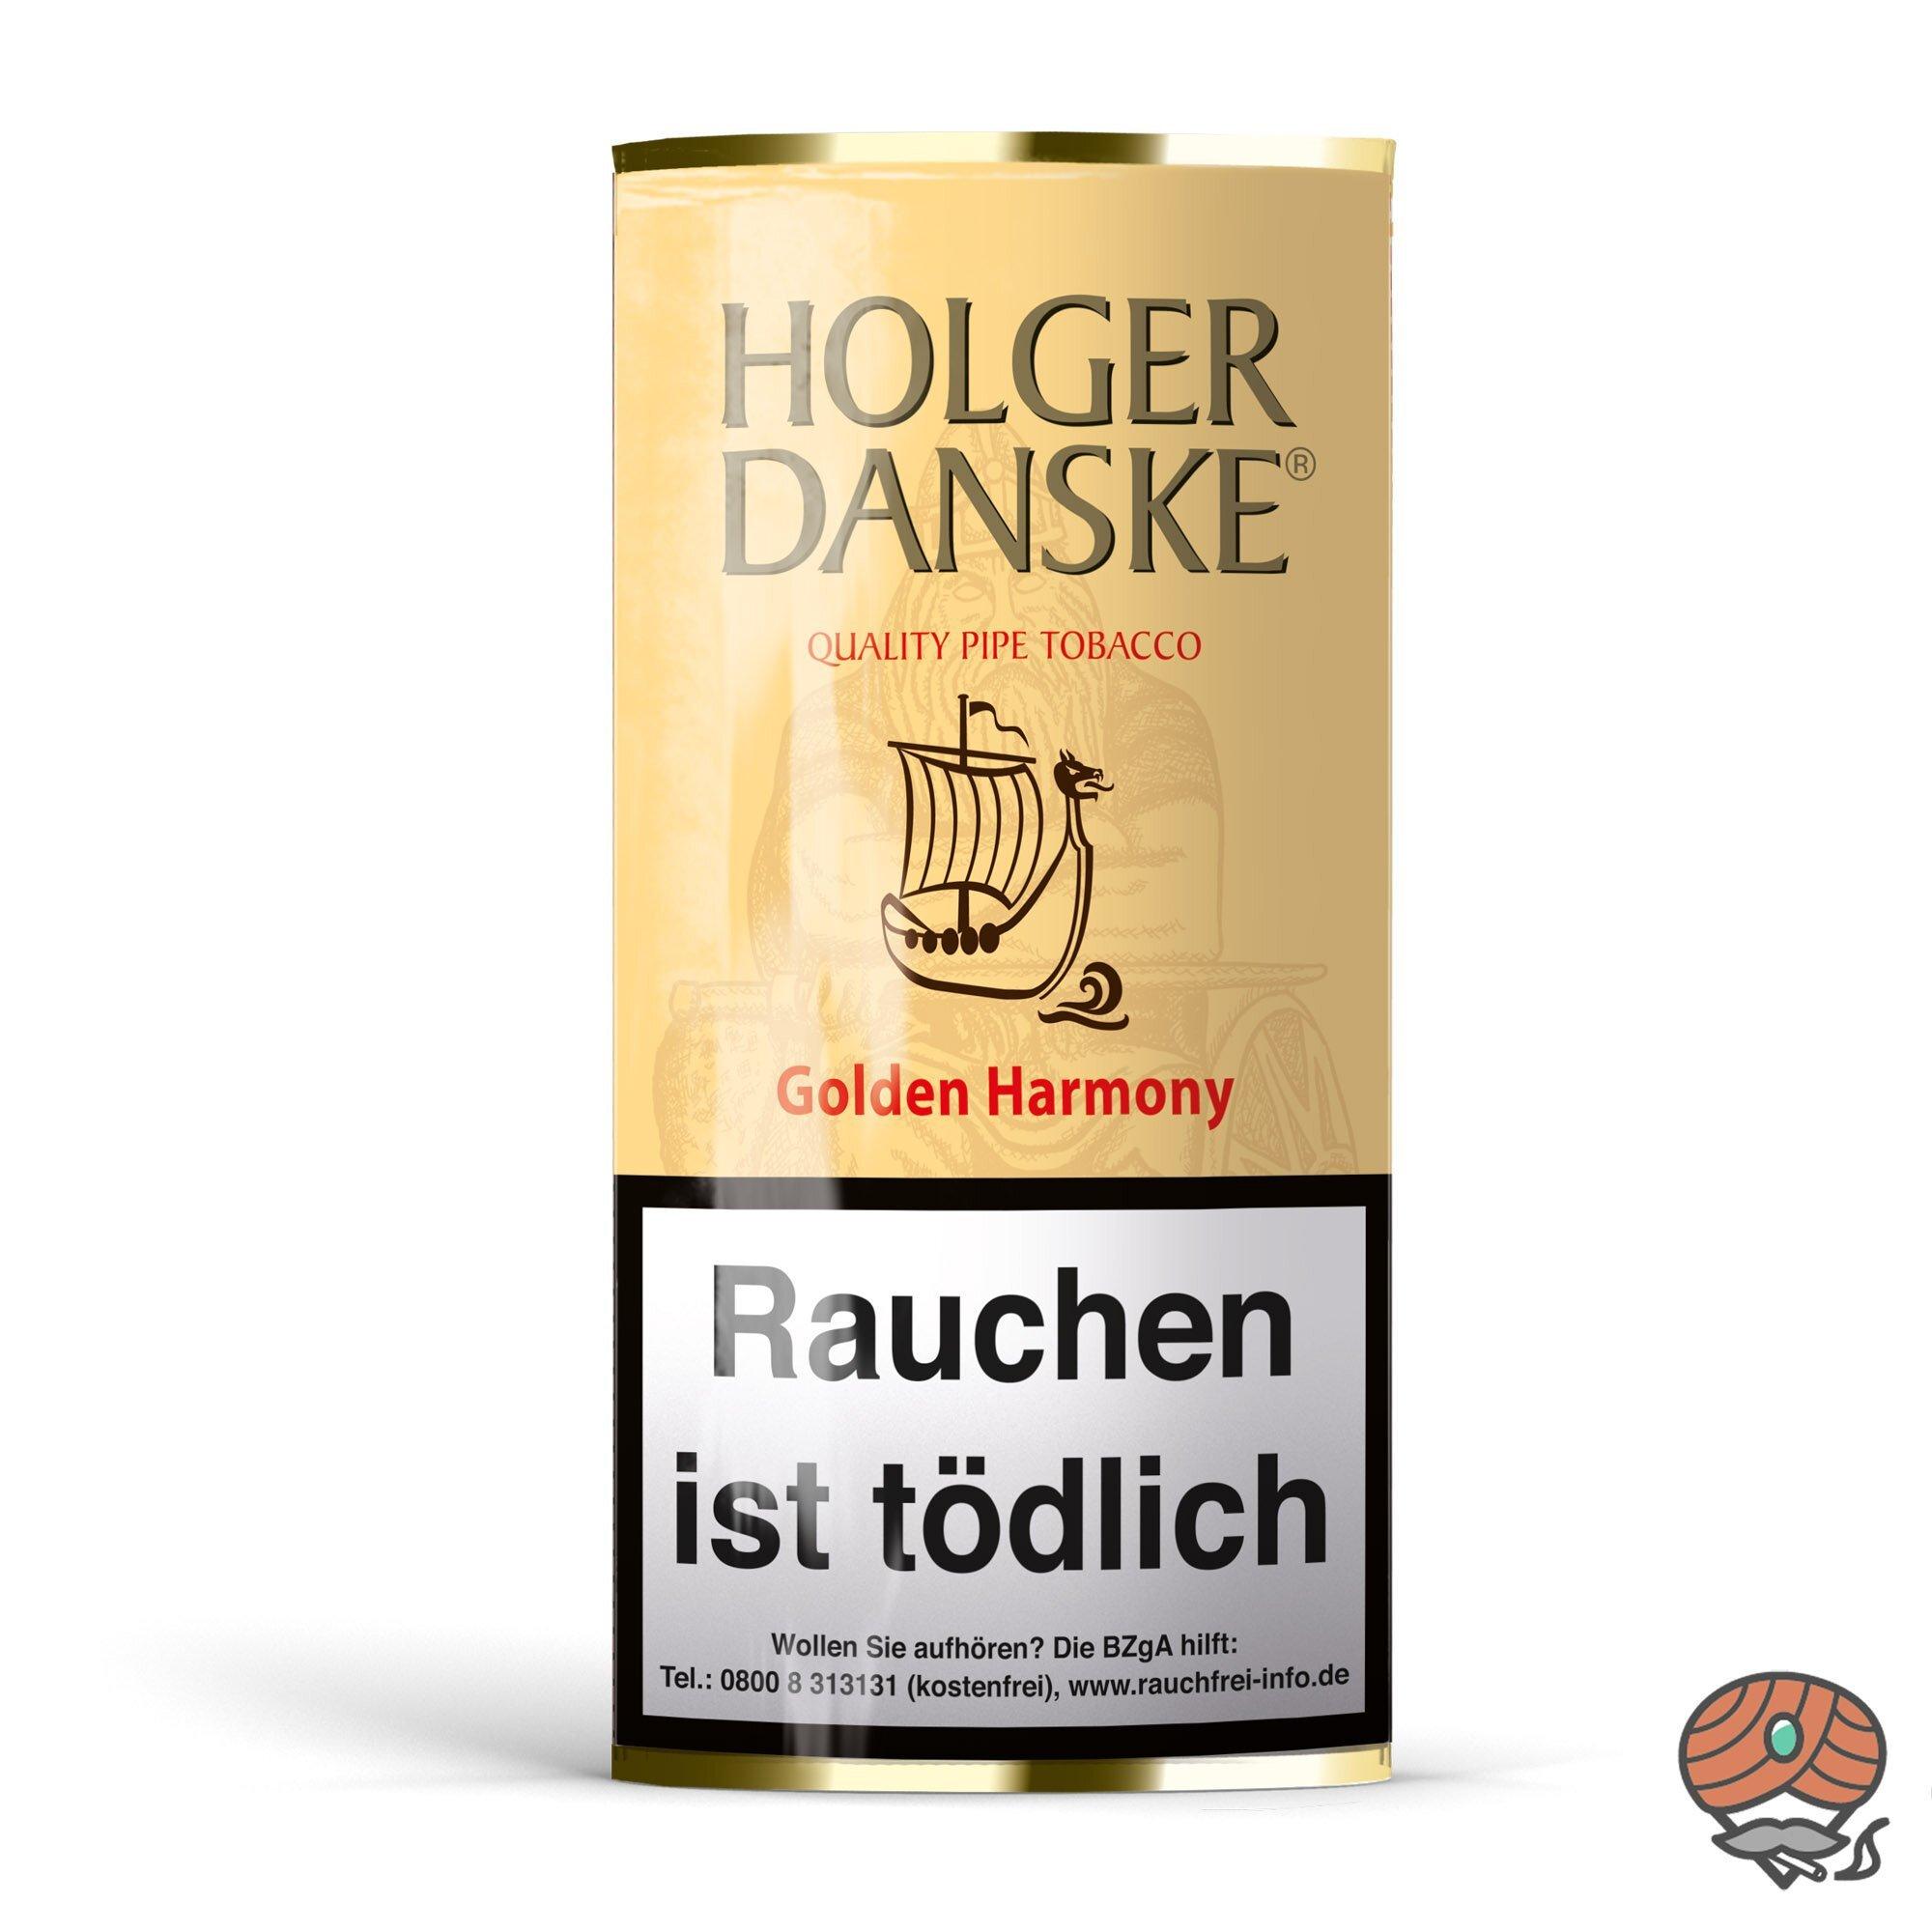 Holger Danske Golden Harmony Pfeifentabak 40g Beutel